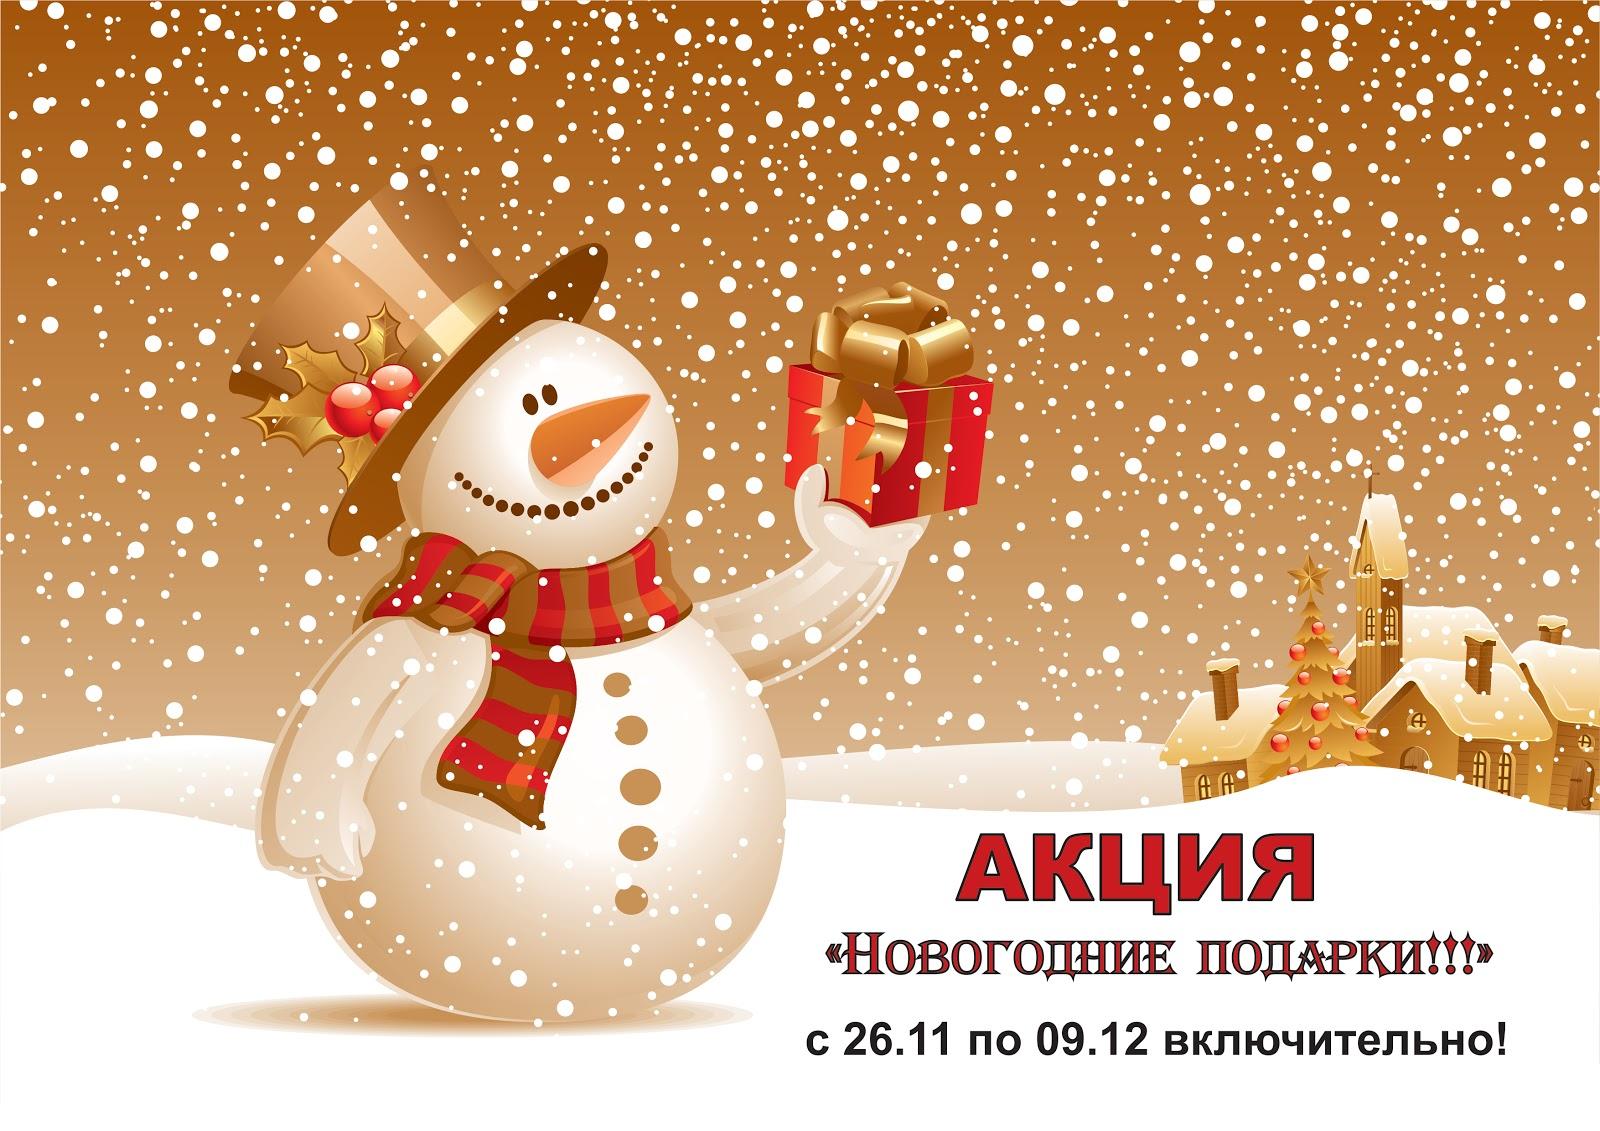 Акции с новогодними подарками